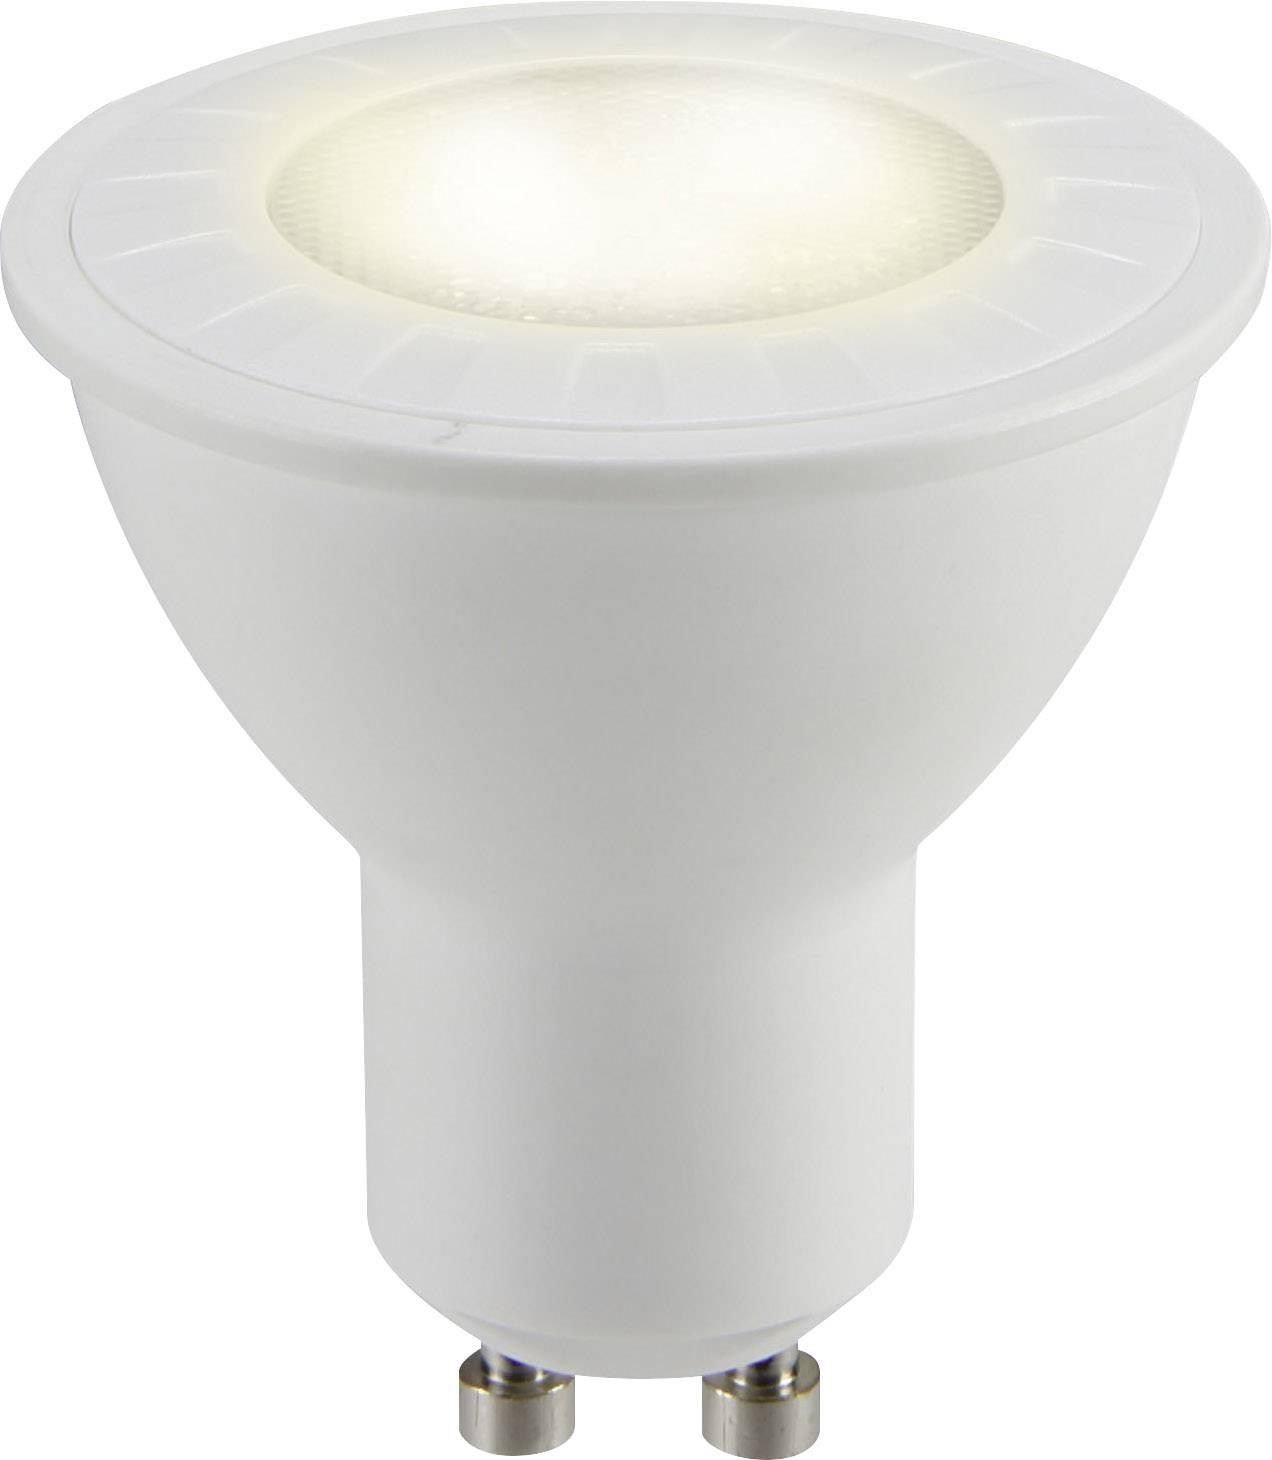 LED žiarovka Sygonix 1364920 230 V, 4.8 W = 50 W, teplá biela, A+, 1 ks